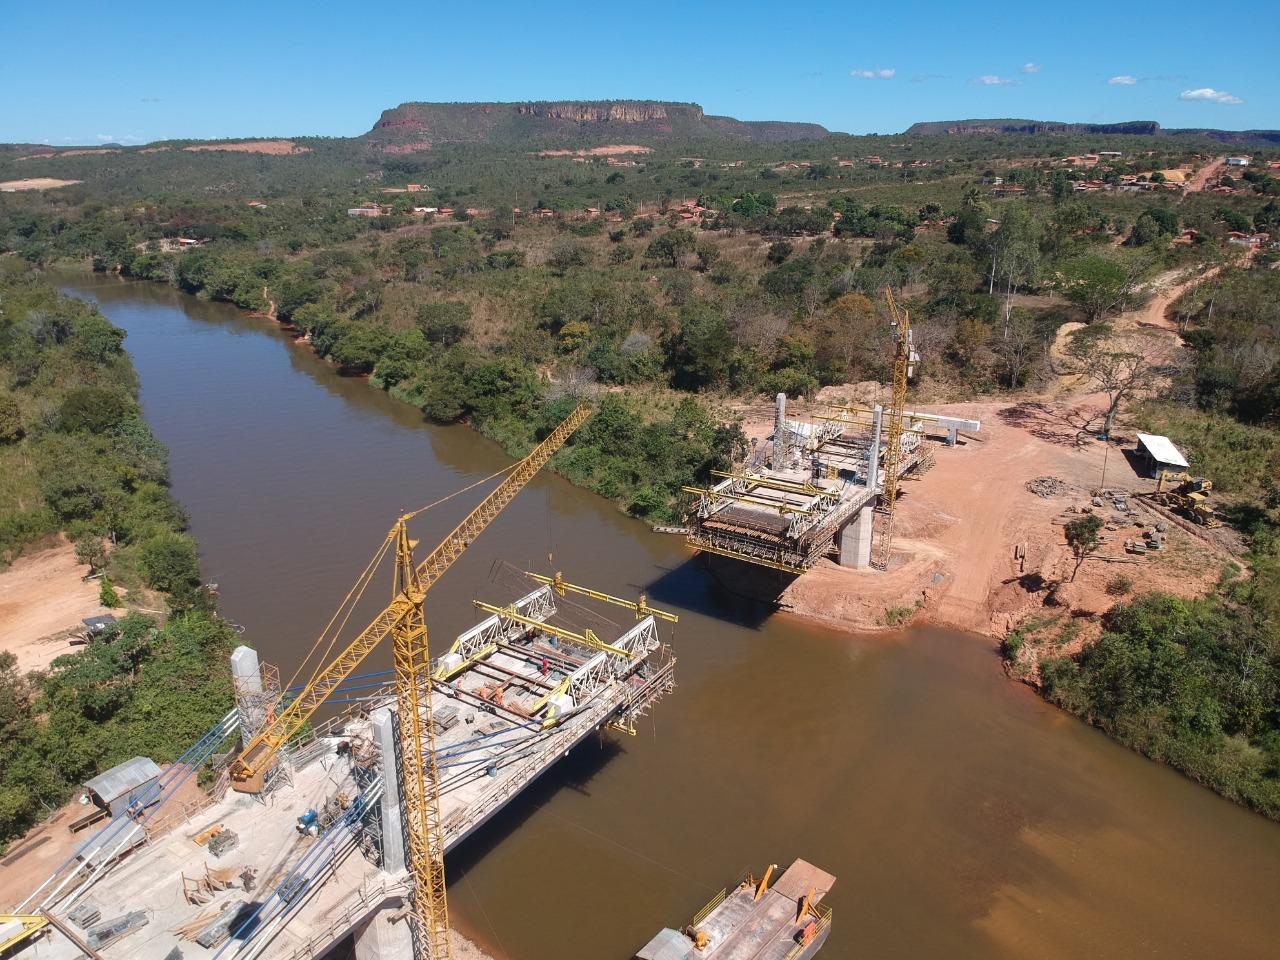 Deputada comemora as obras da ponte de Santa Filomena - Câmara dos Deputados